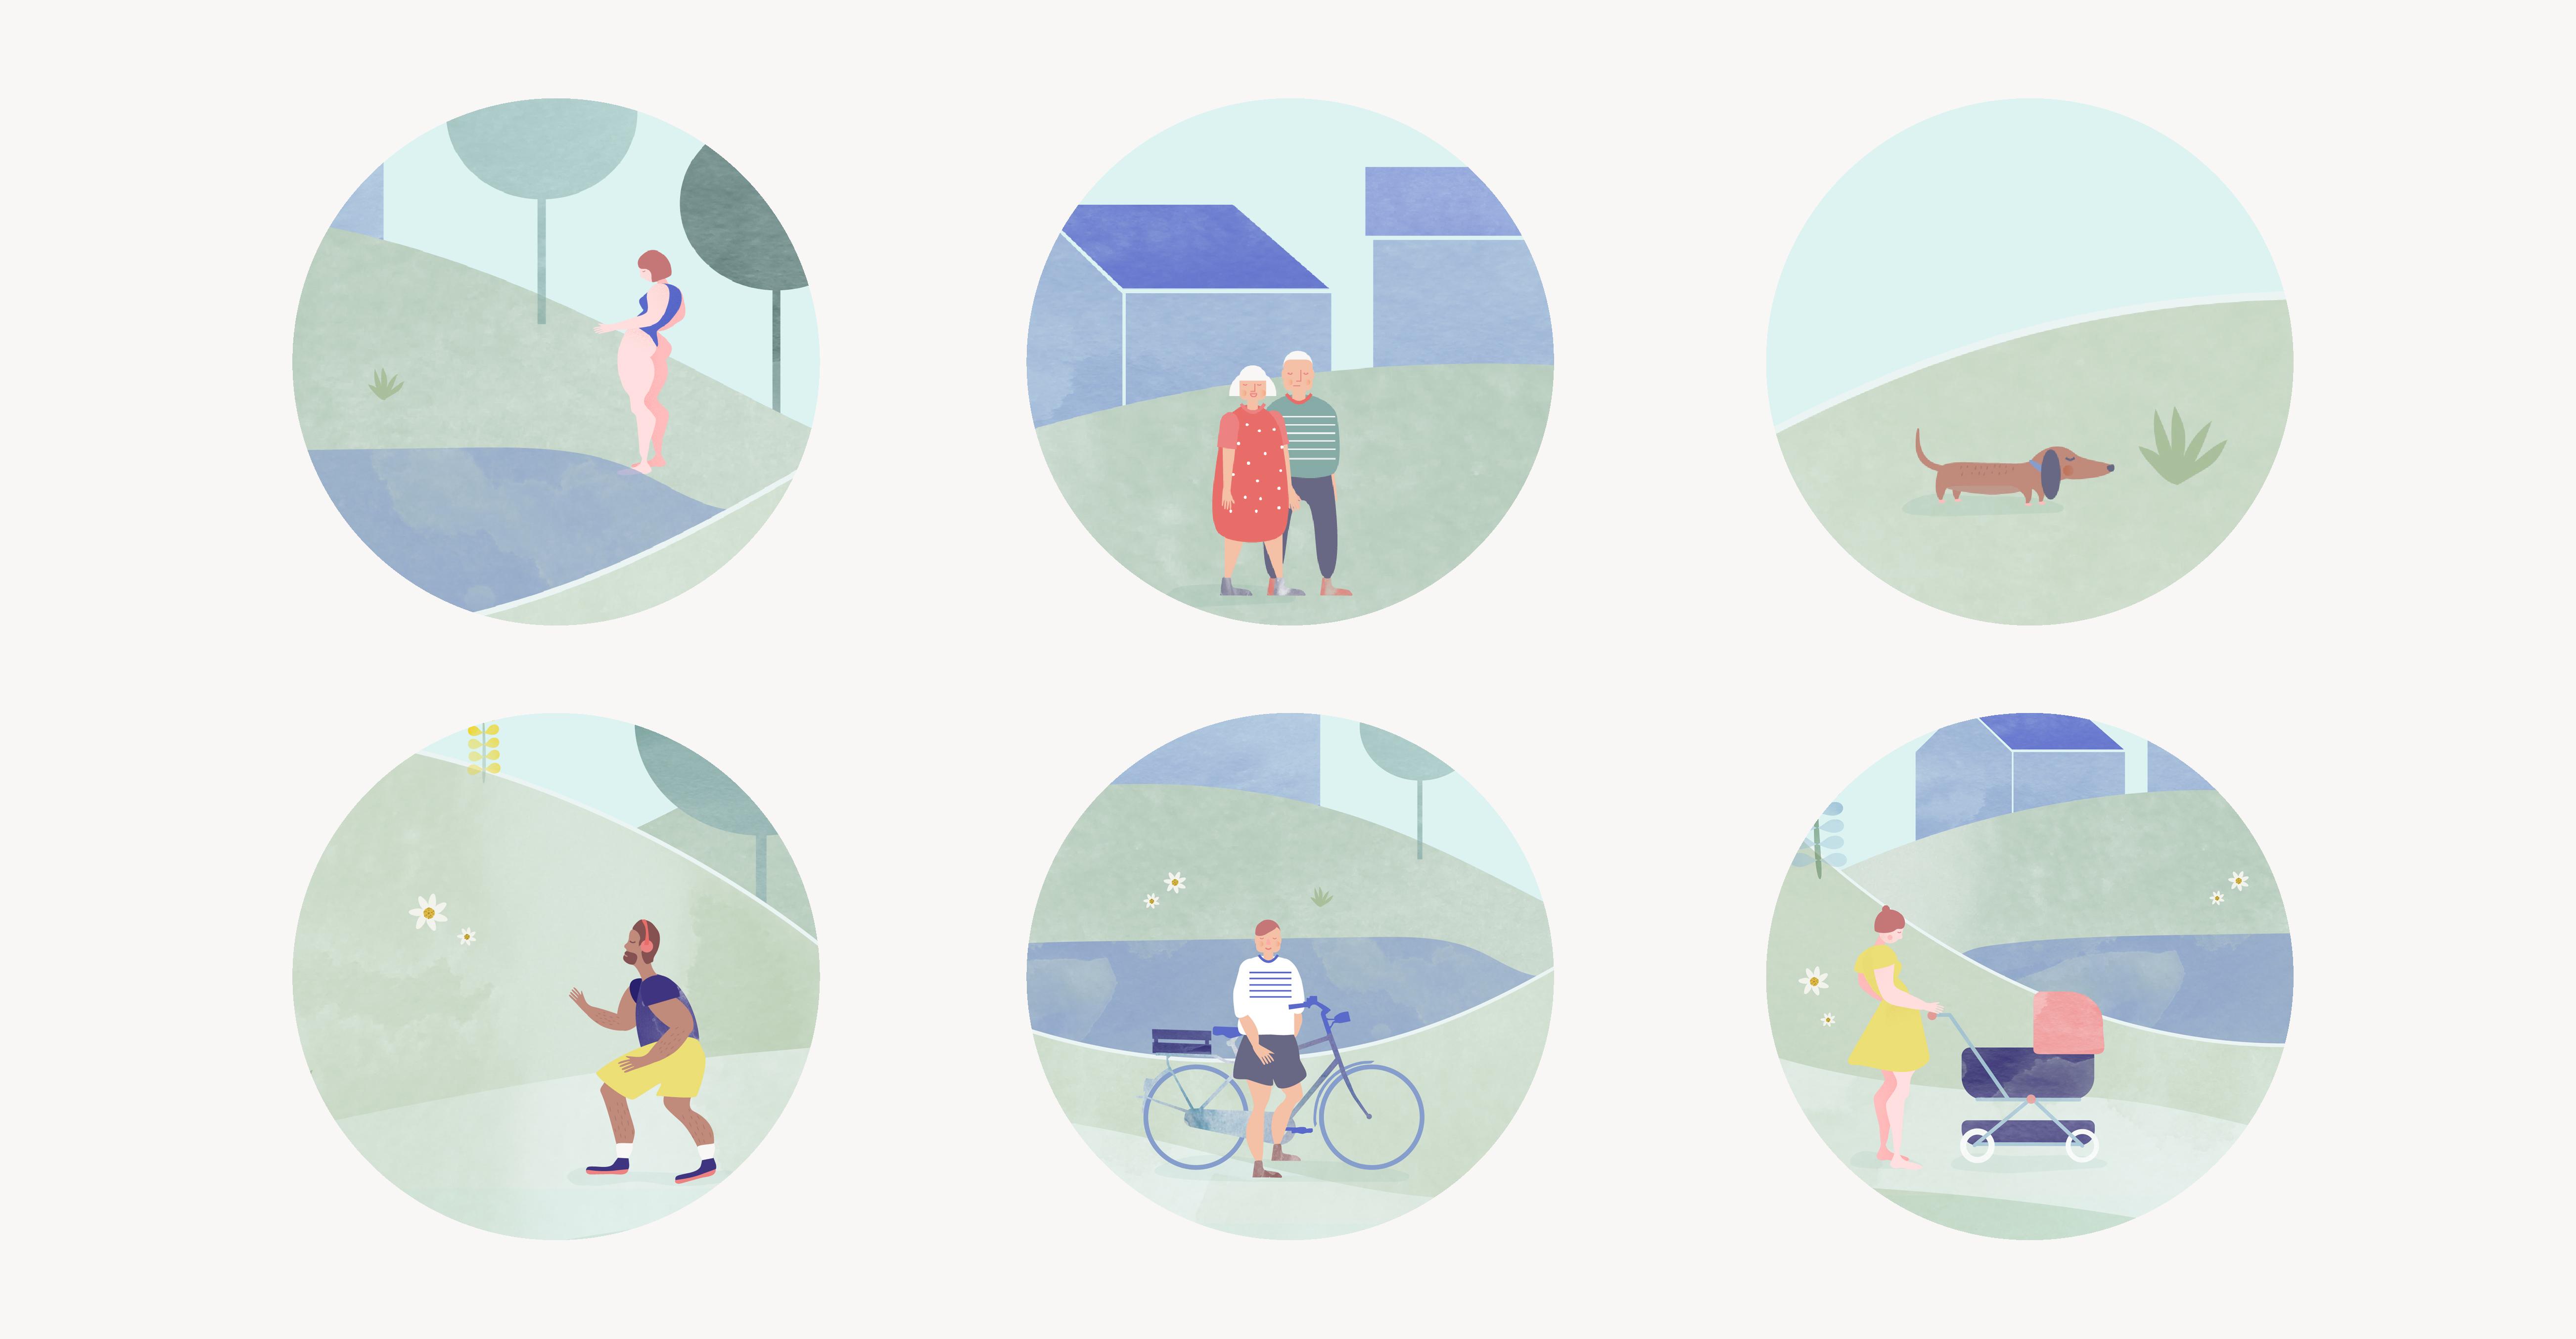 Psykologen Innstrand | psykologi illustrasjon | helse | visuell identitet | logo